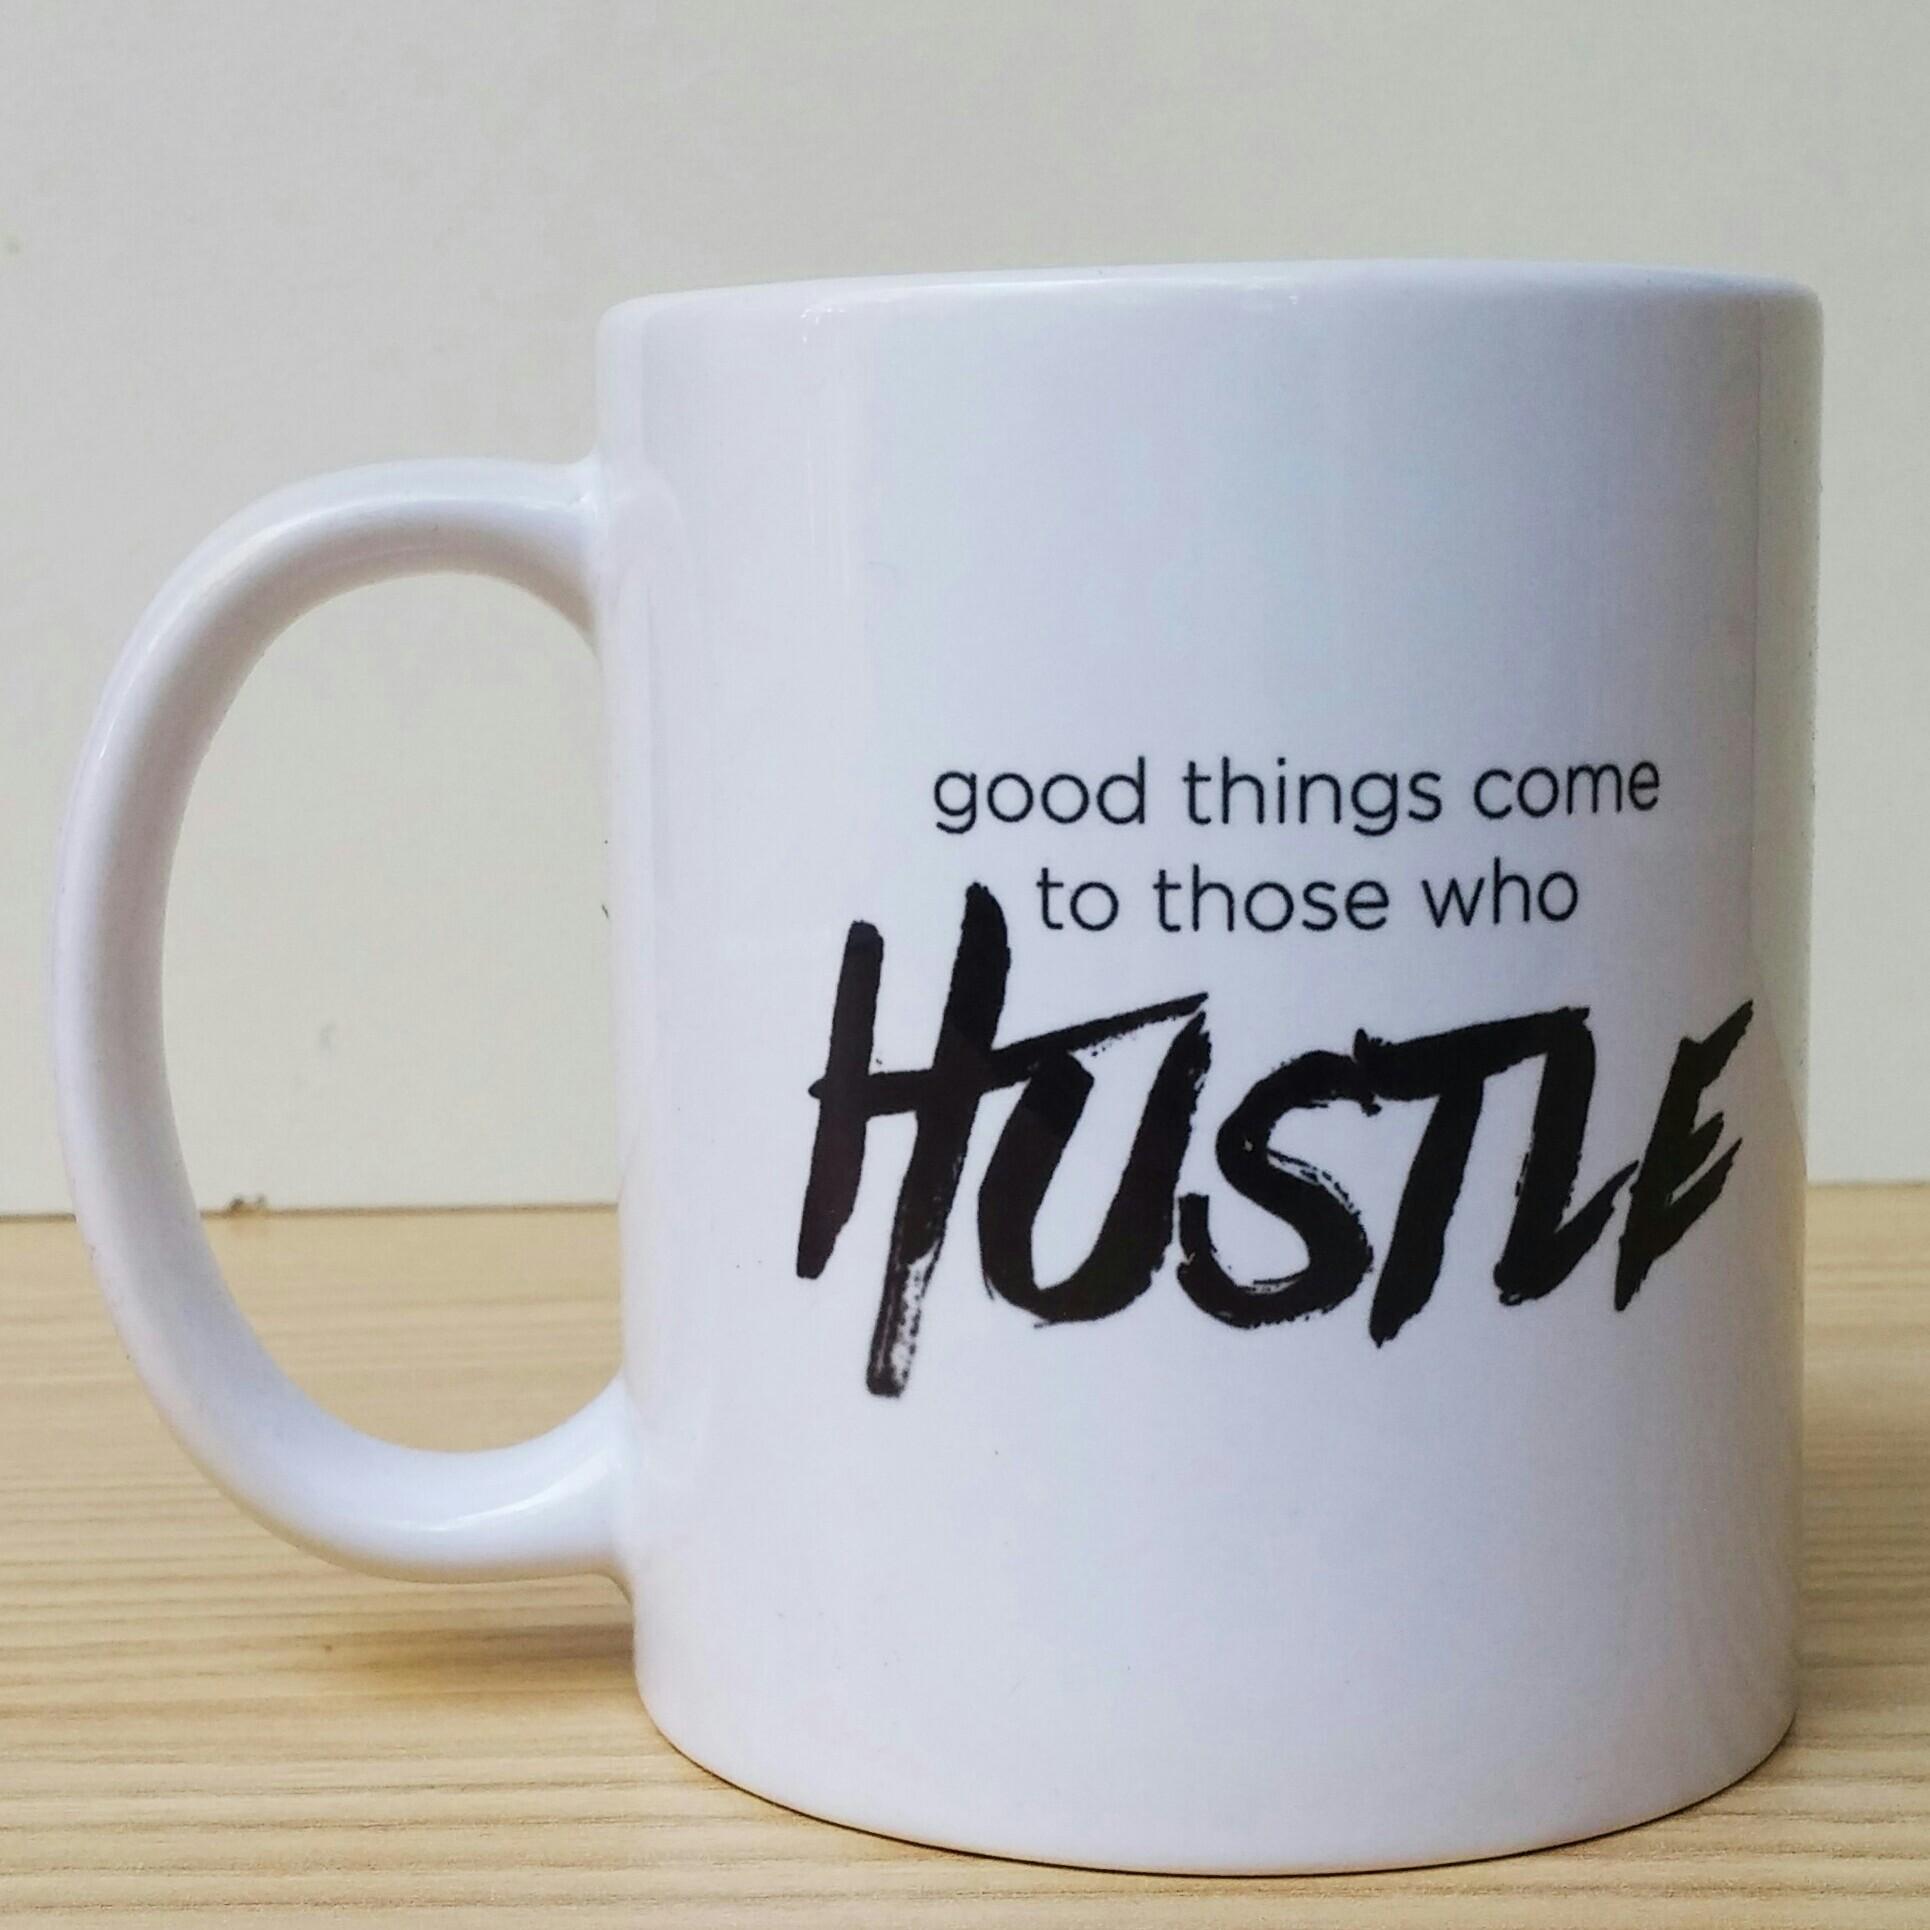 180f53fdb26 Hustle Mug · Kara Renee Designs · Online Store Powered by Storenvy